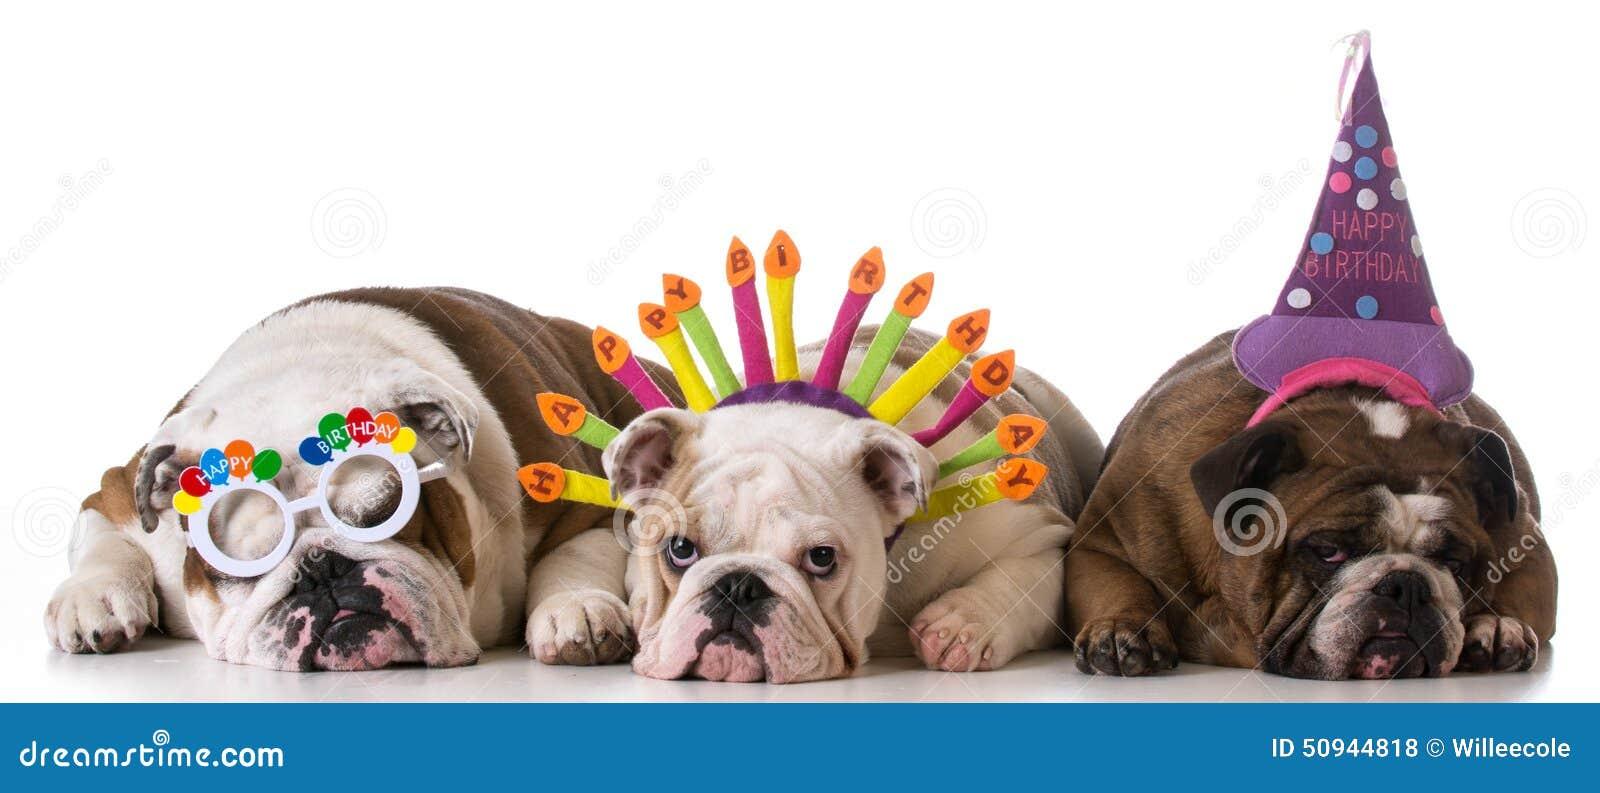 Perros del cumpleaños